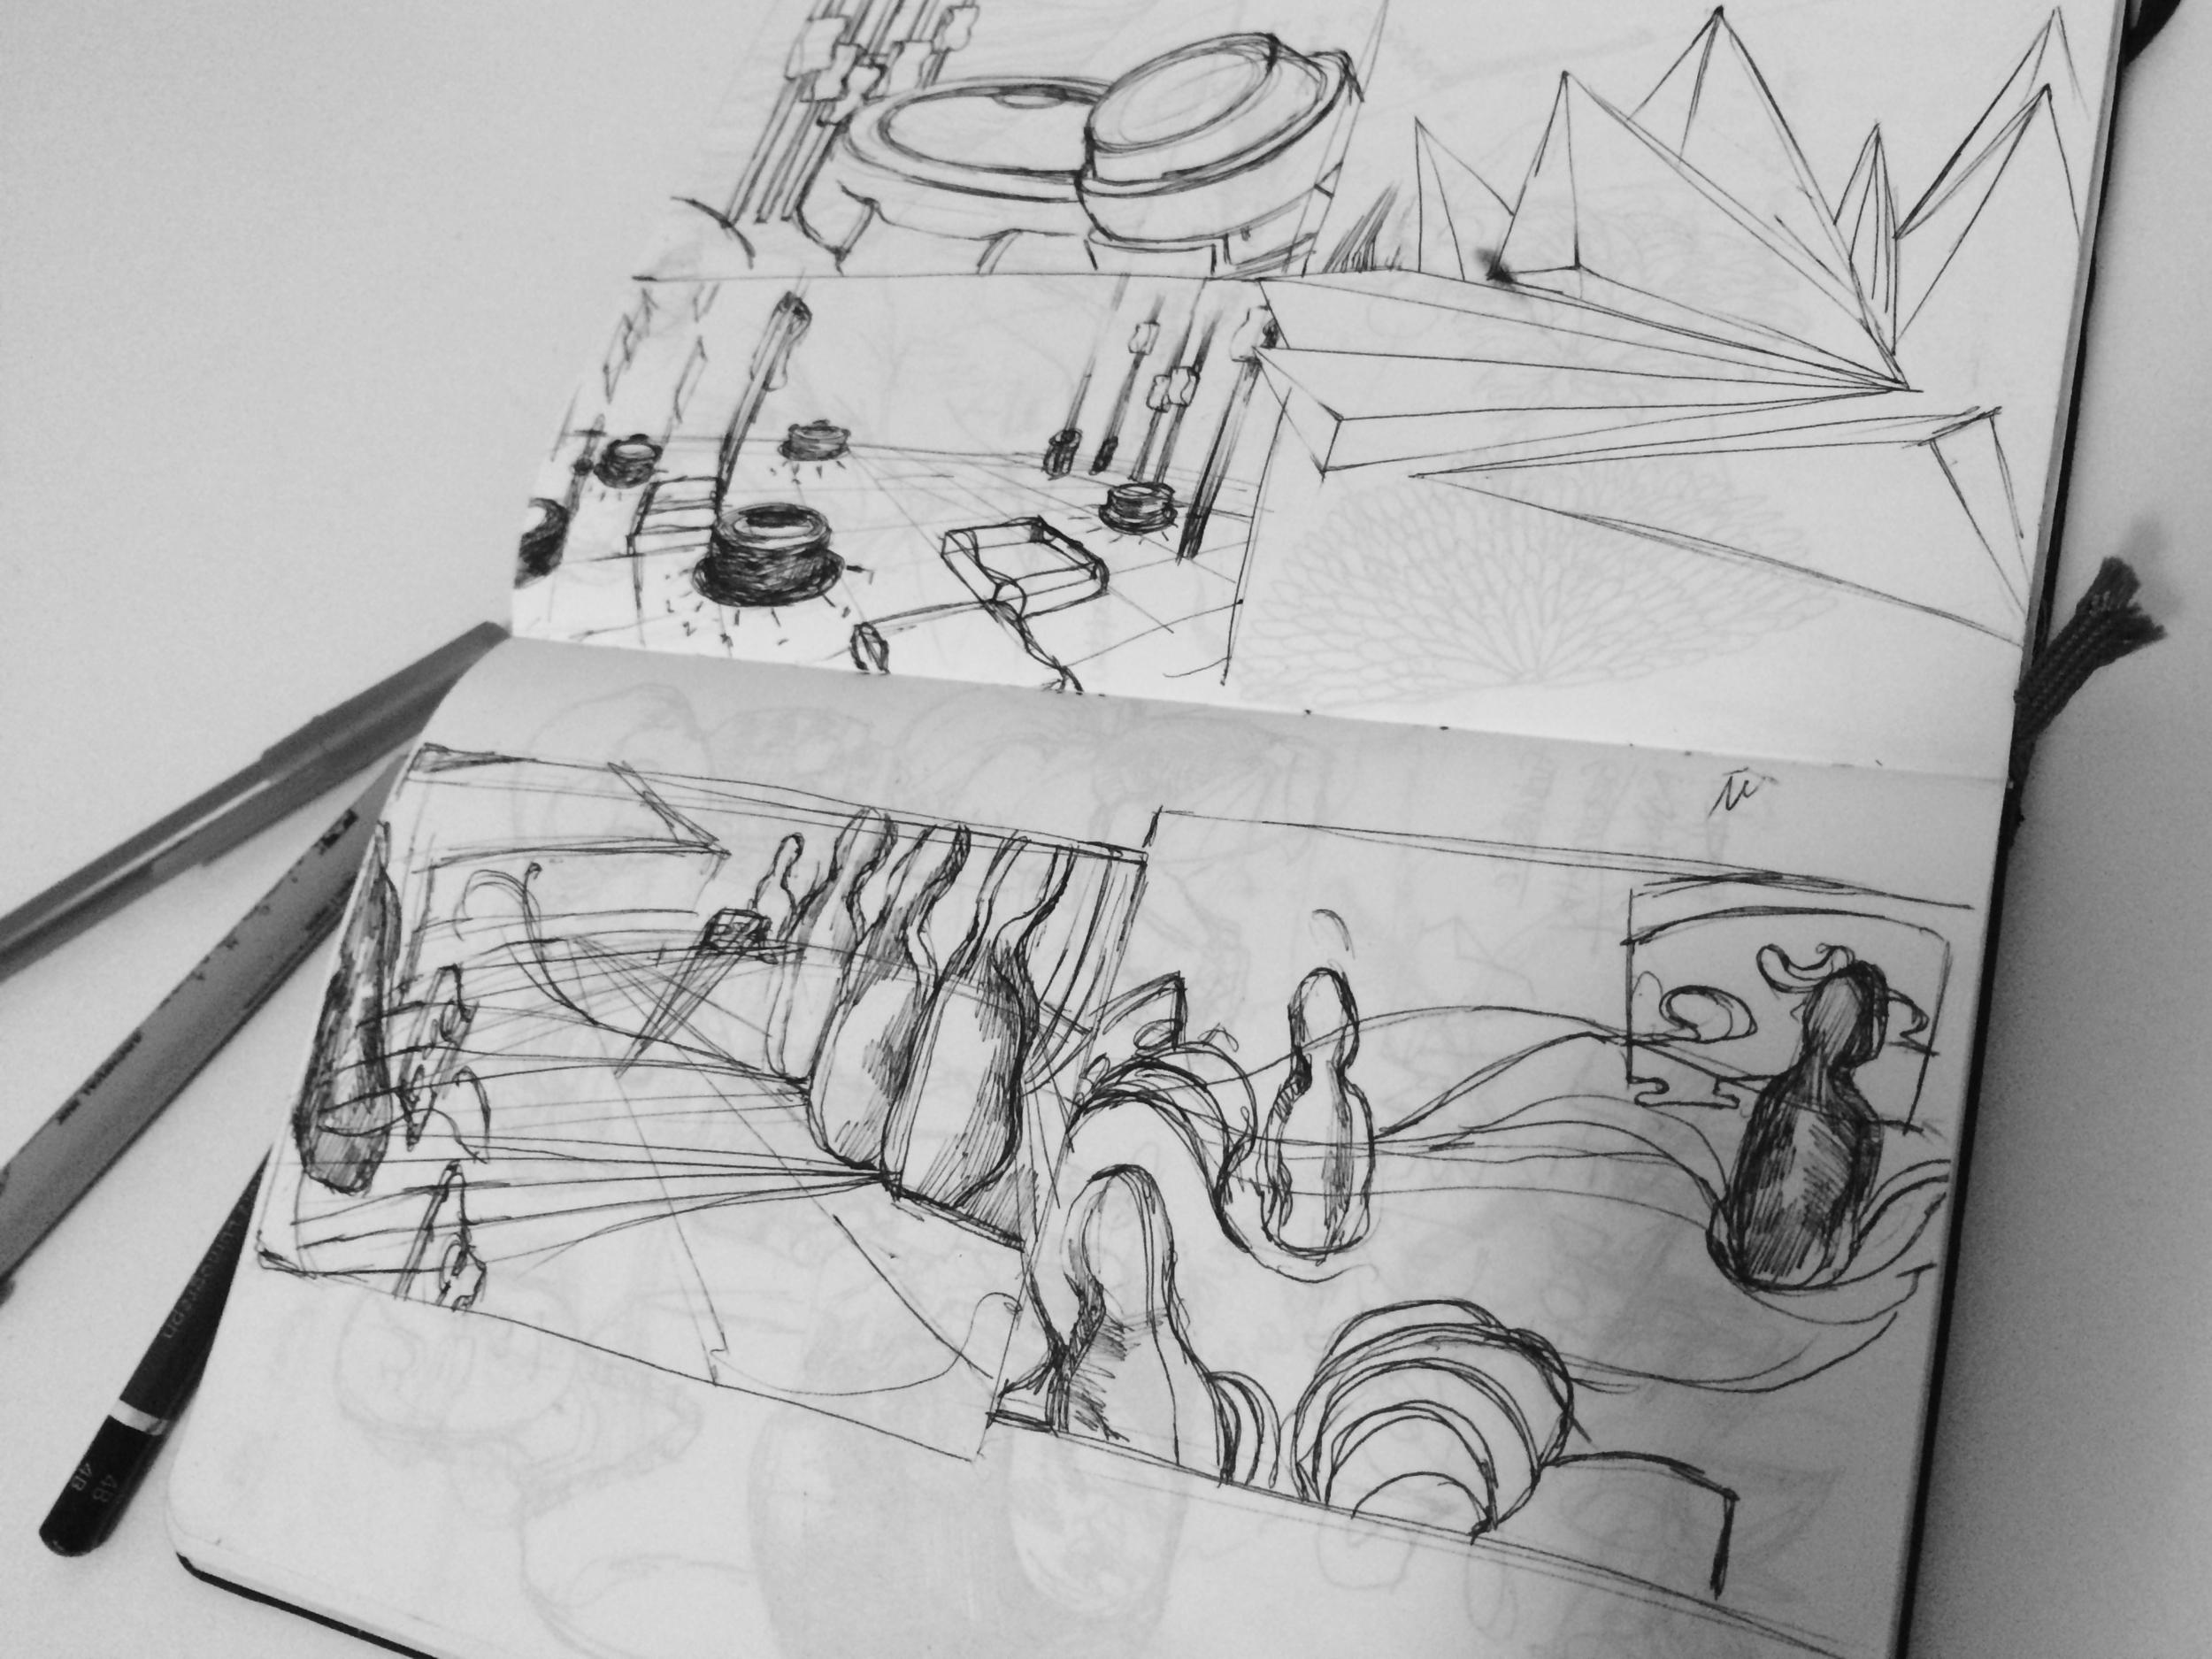 Environment concept art sketch